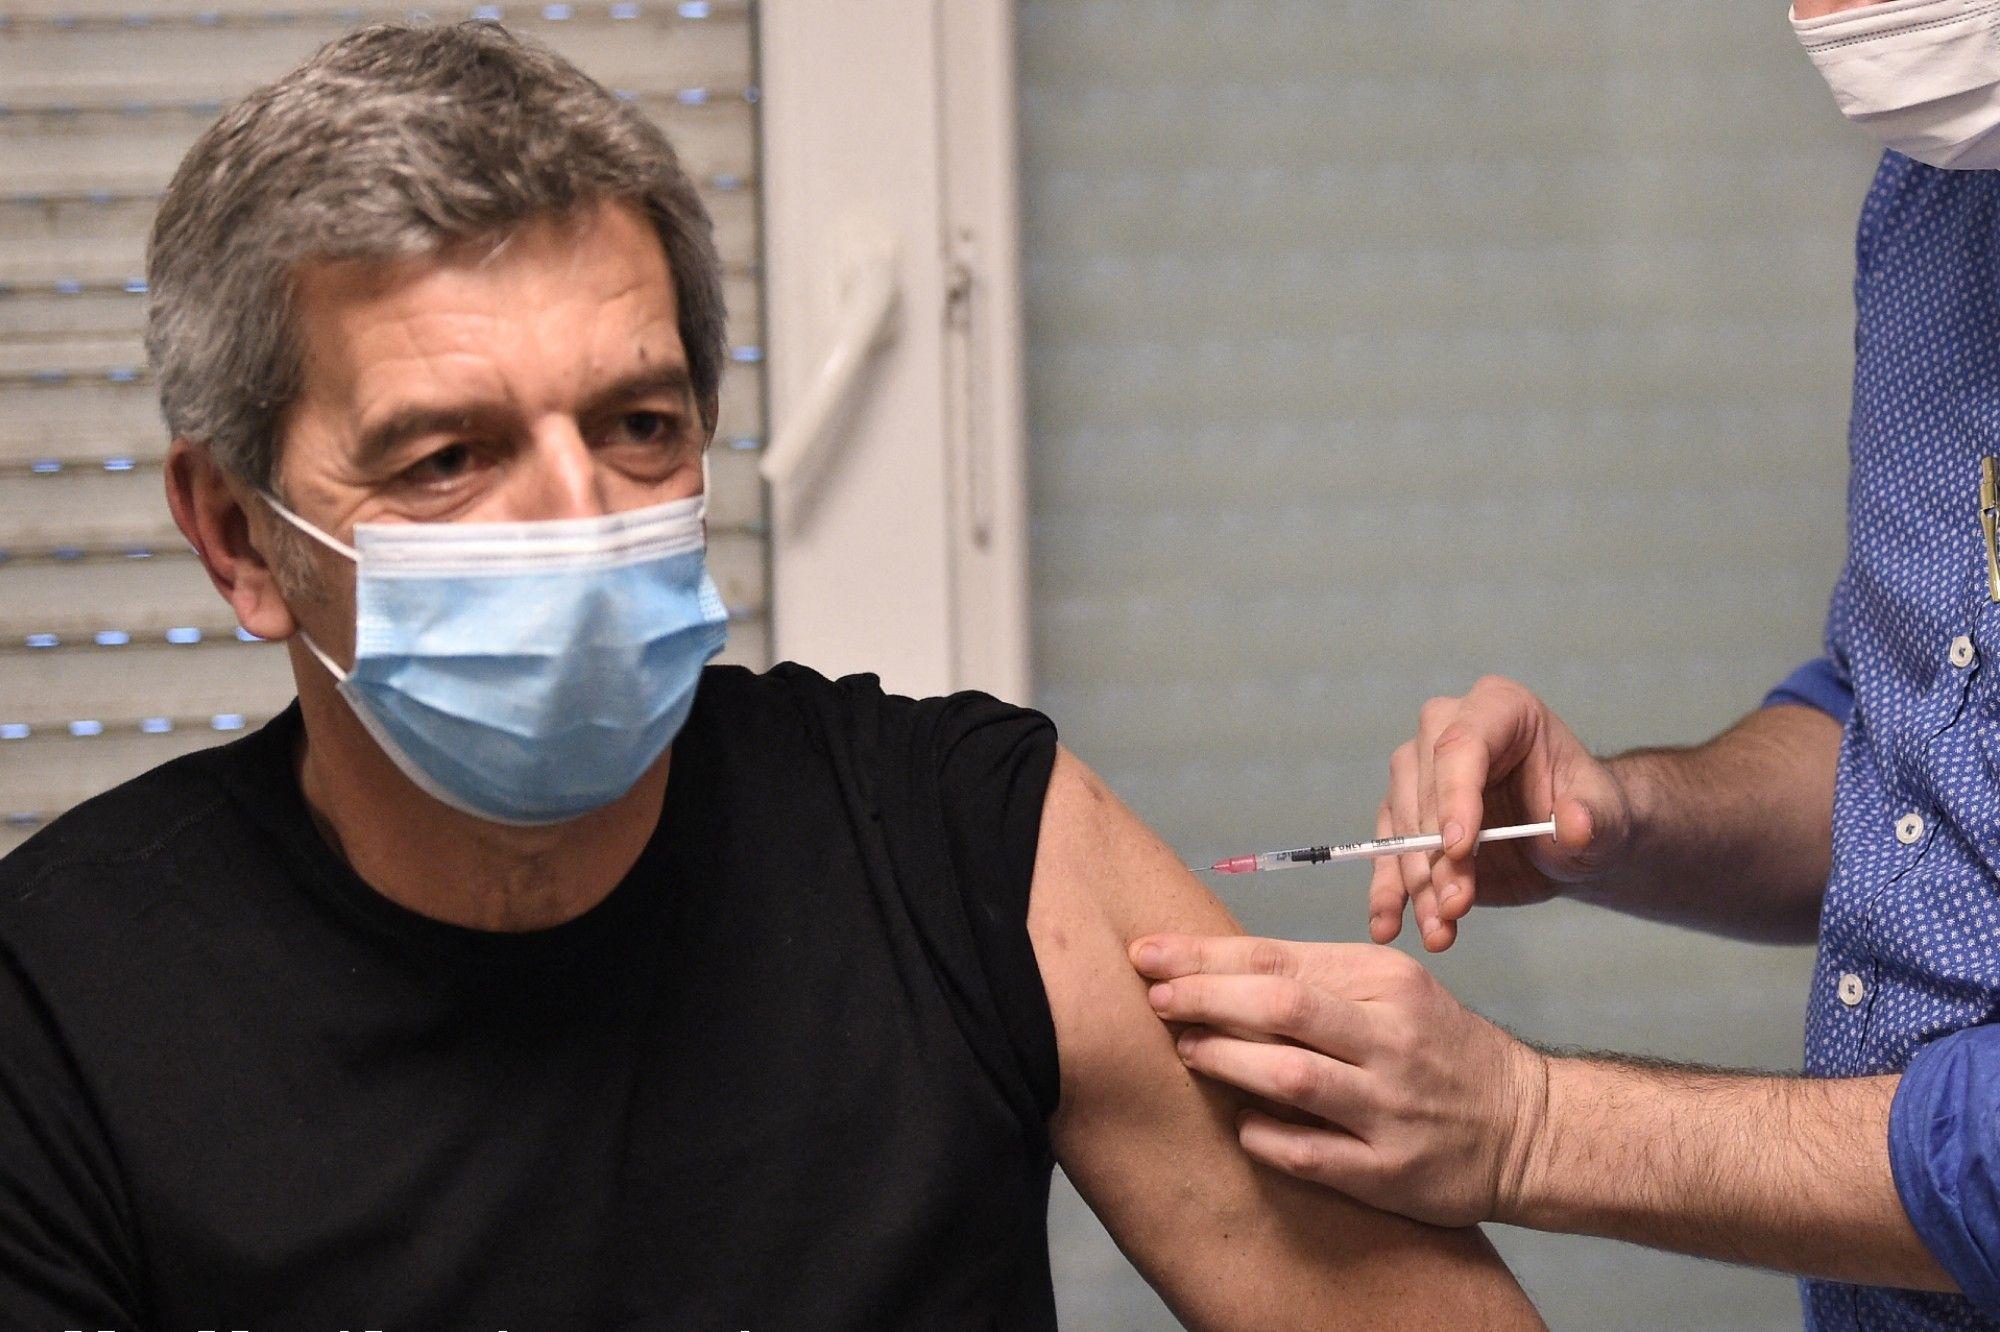 vaccin-contre-le-coronavirus-michel-cymes-s-en-prend-au-personnel-soignant